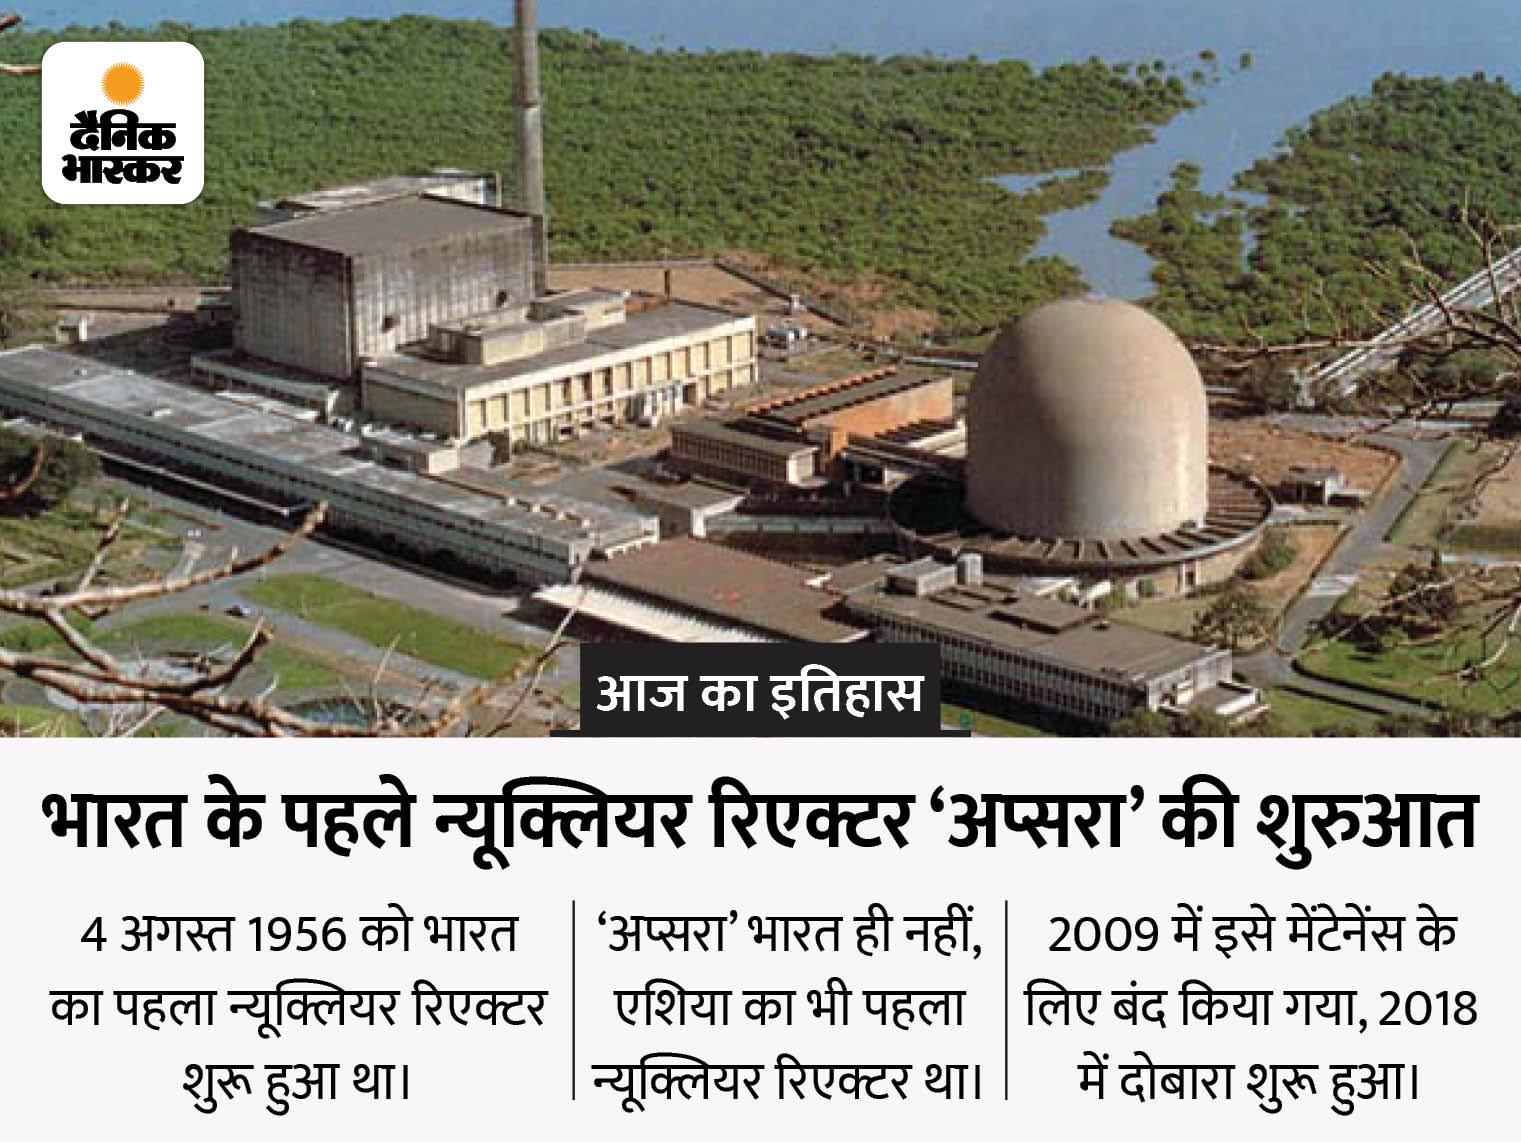 भारत में एशिया का पहला न्यूक्लियर रिएक्टर शुरू हुआ, रिएक्टर से नीली किरणें निकलती देख PM नेहरू ने इसे 'अप्सरा' नाम दिया|देश,National - Dainik Bhaskar